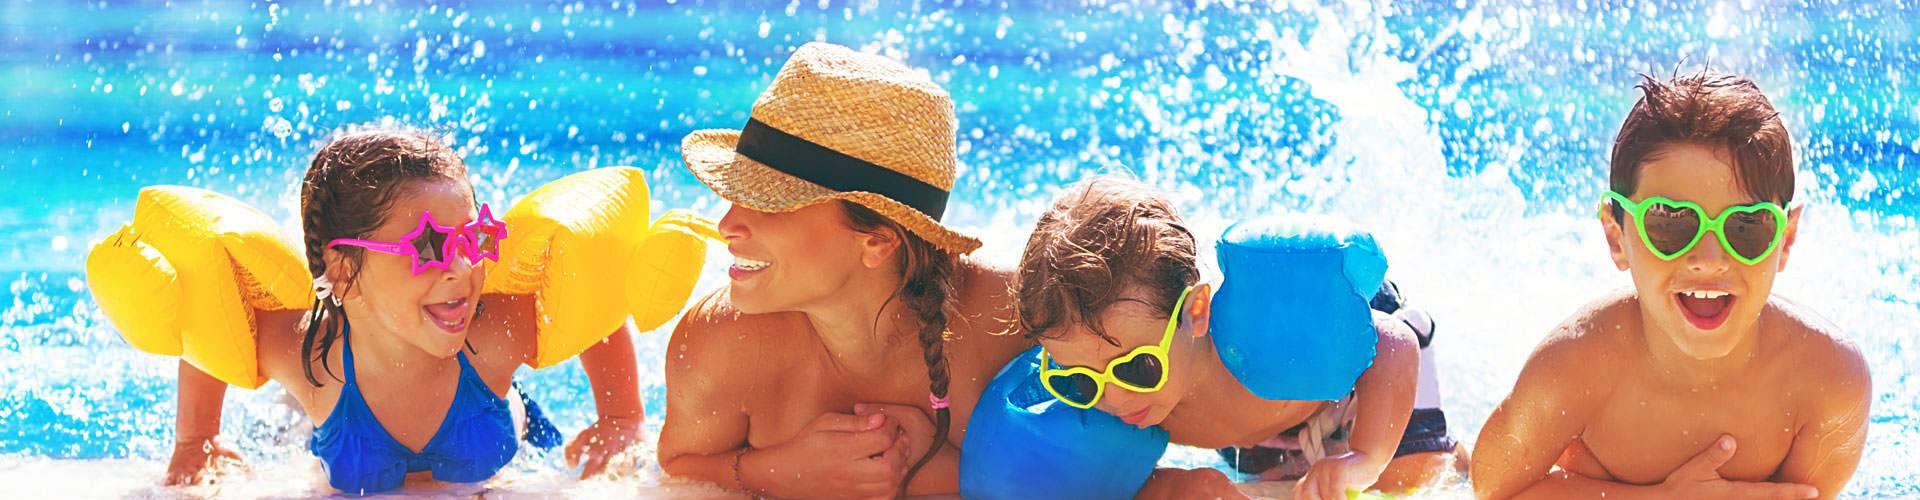 Rollo-Solar Schwimmbadabdeckungen – Kinder am Pool